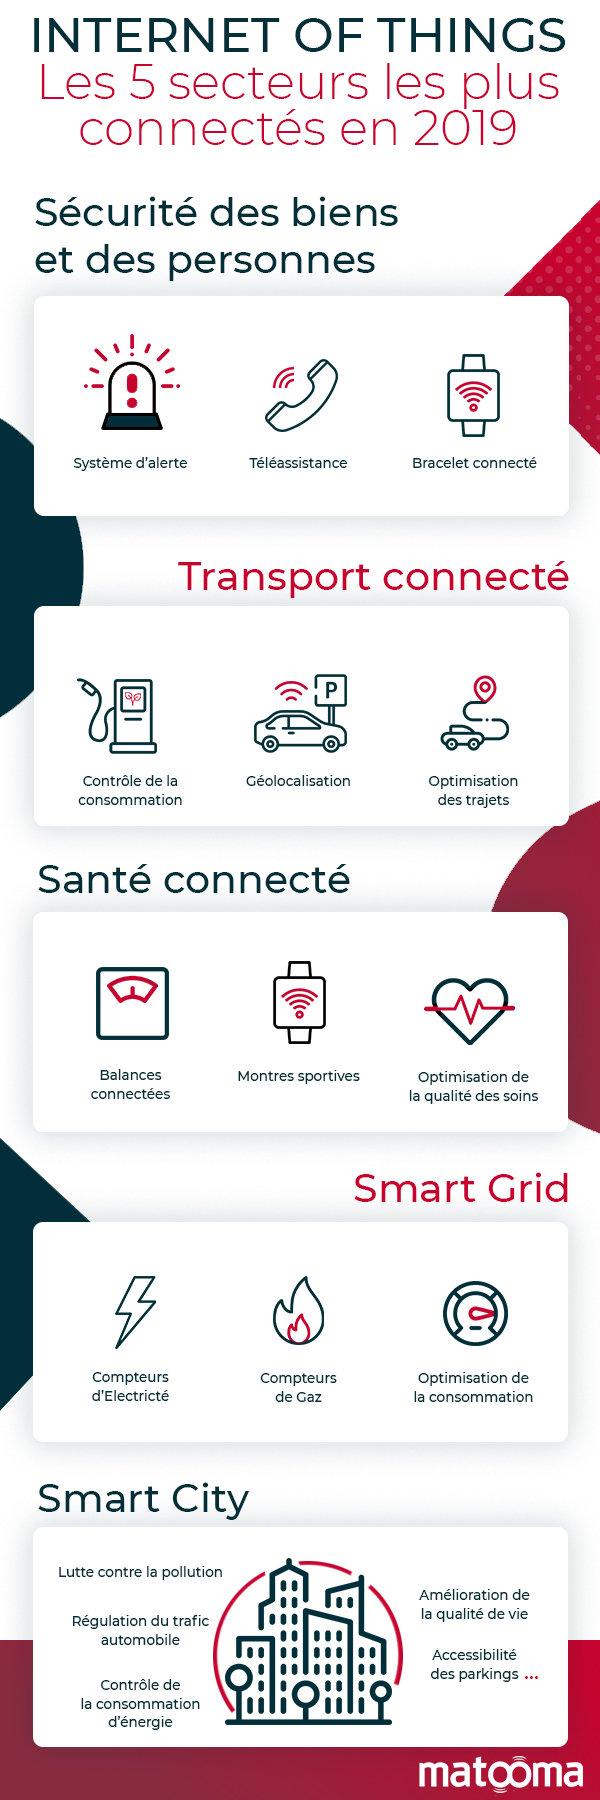 infographie-5-secteur-les-+-connectes-iot-m2m-transport-securite-sante